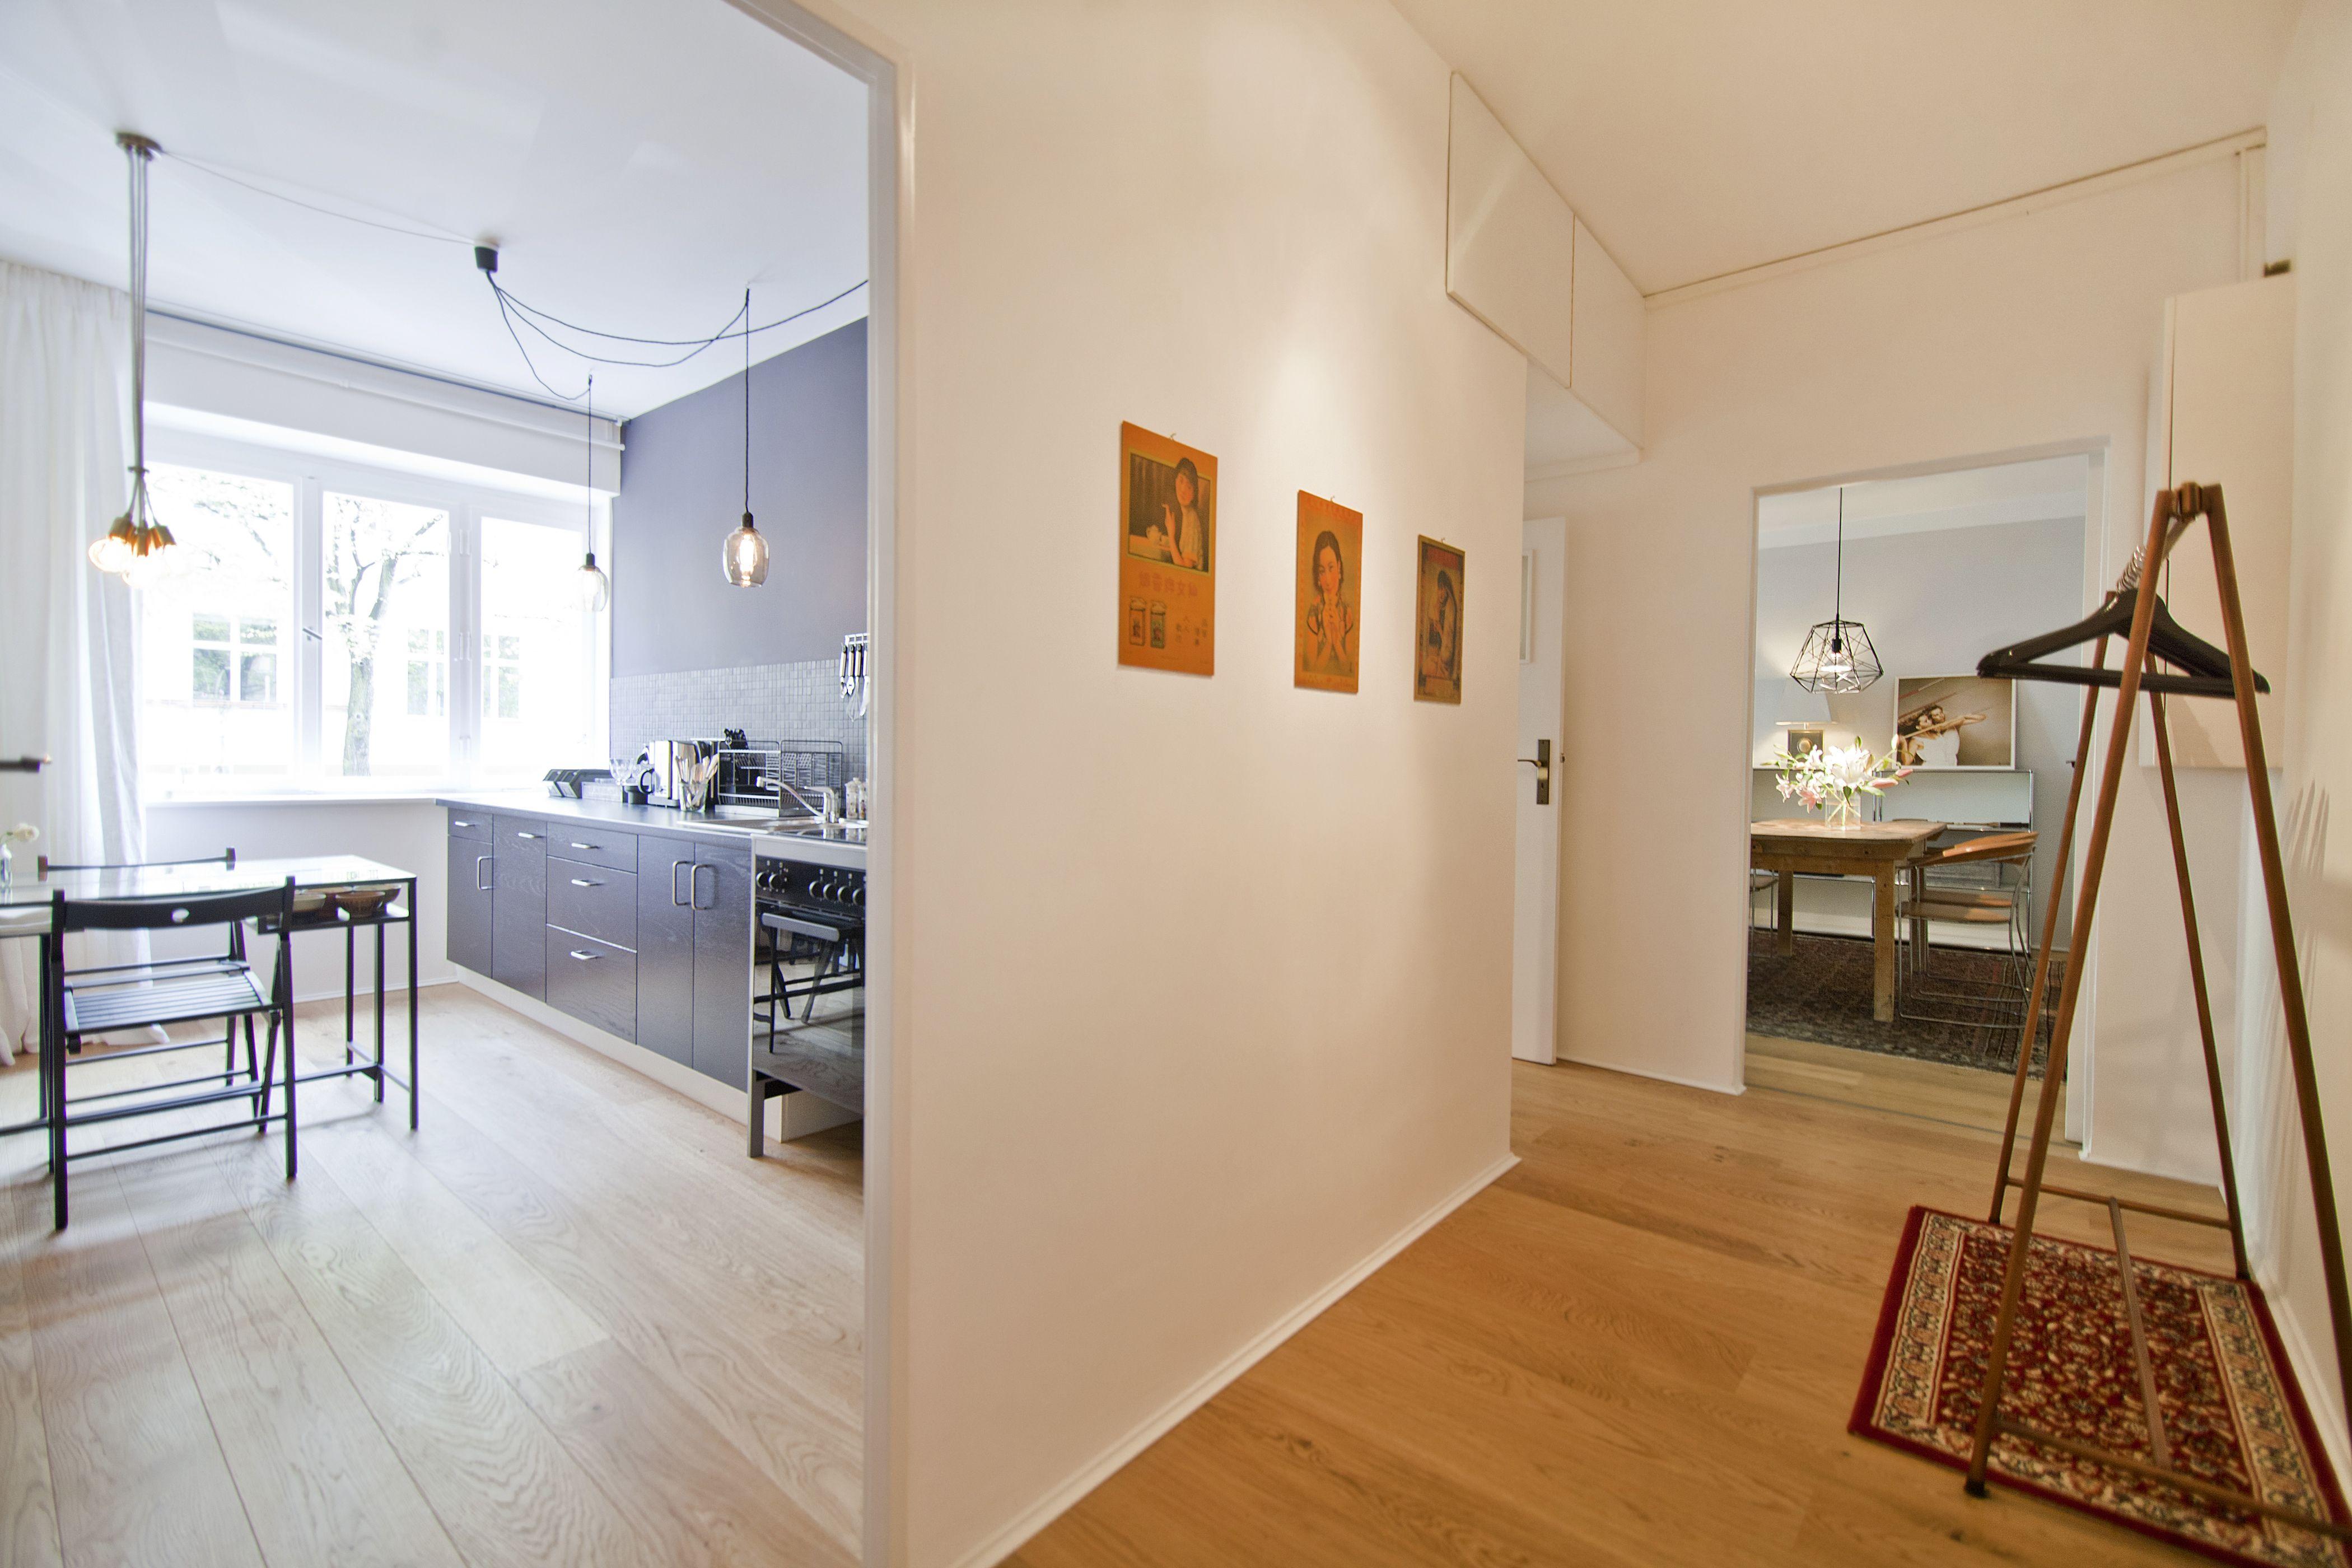 Pin Von Villarohome Living Auf Kuche Moblierte Wohnung Wohnung Wohnkuche